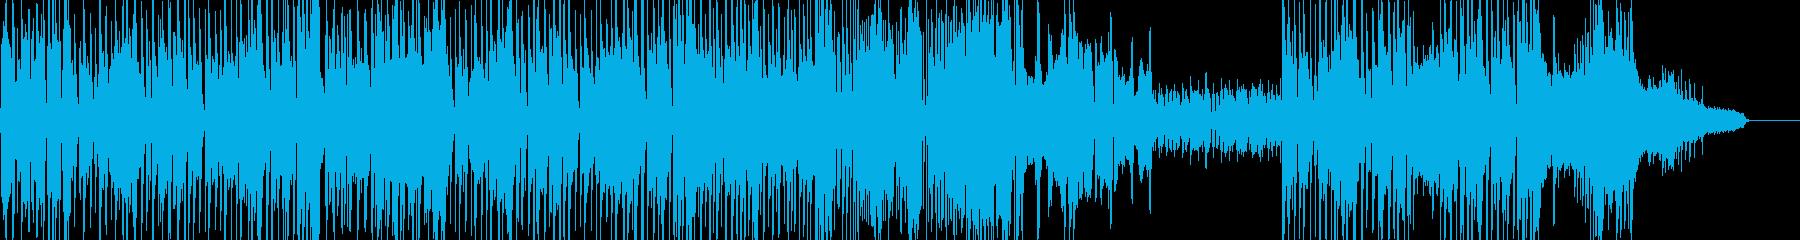 オシャレでカフェテイストなジャズの再生済みの波形